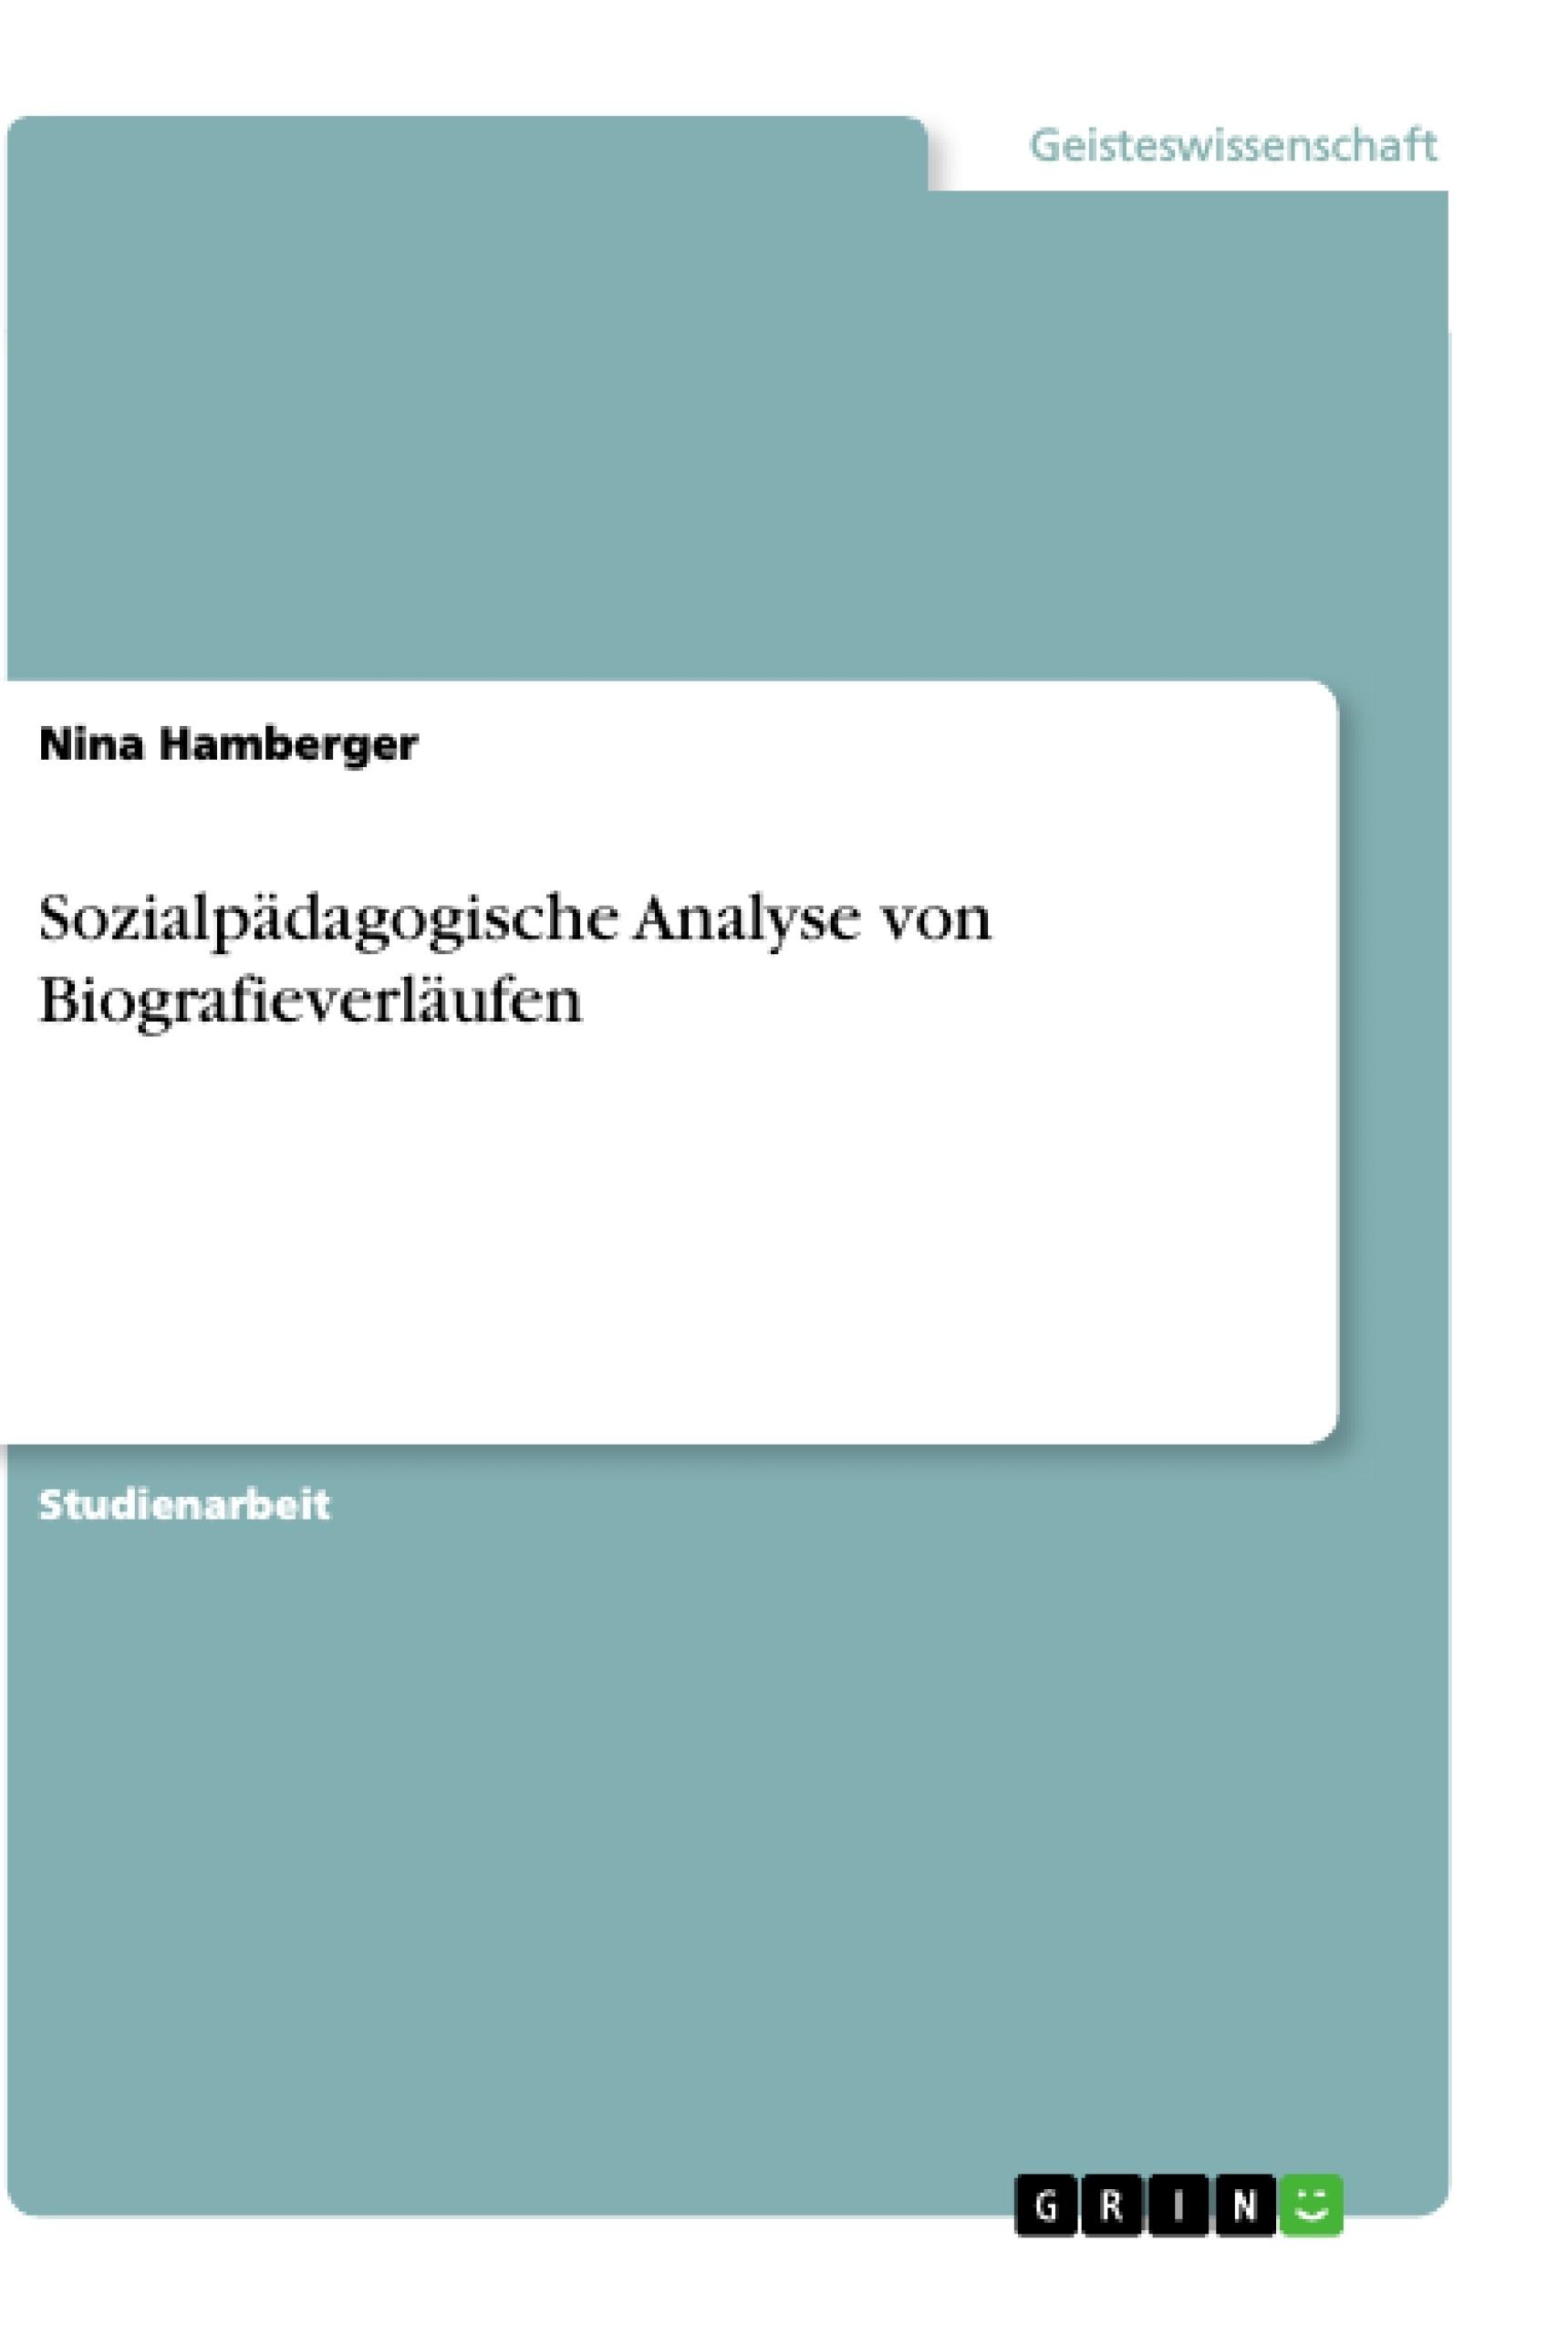 Titel: Sozialpädagogische Analyse von Biografieverläufen